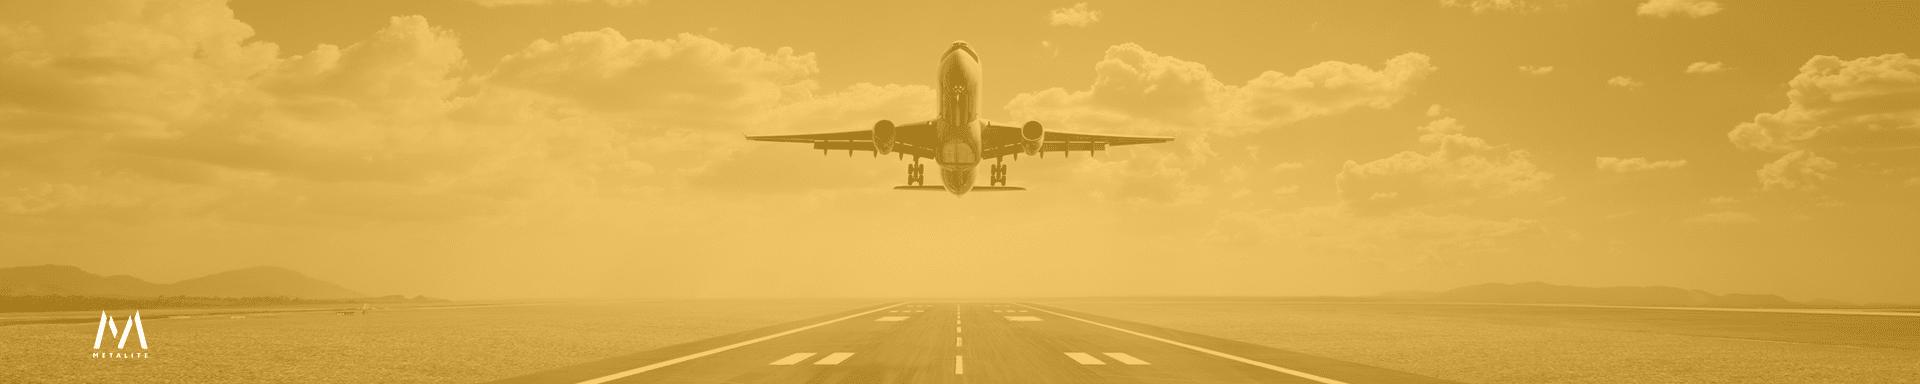 Civil runway image